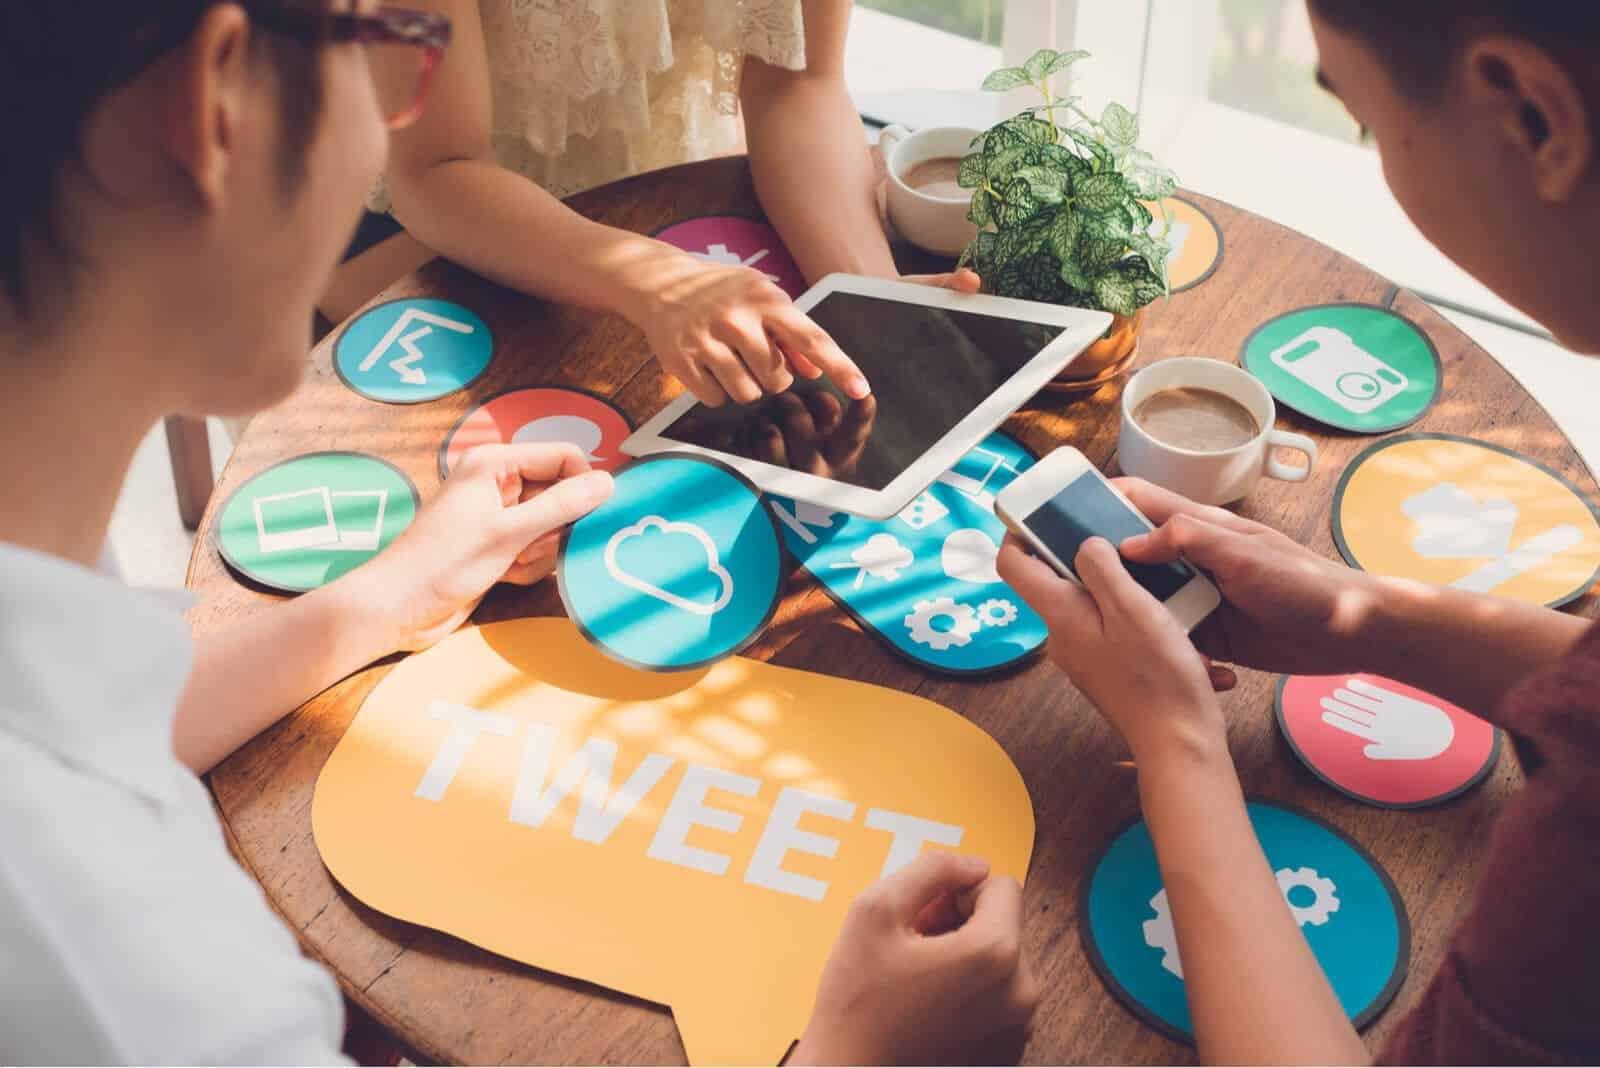 Aman Bermain Media Sosial di Lingkungan Kerja? Begini Aturannya